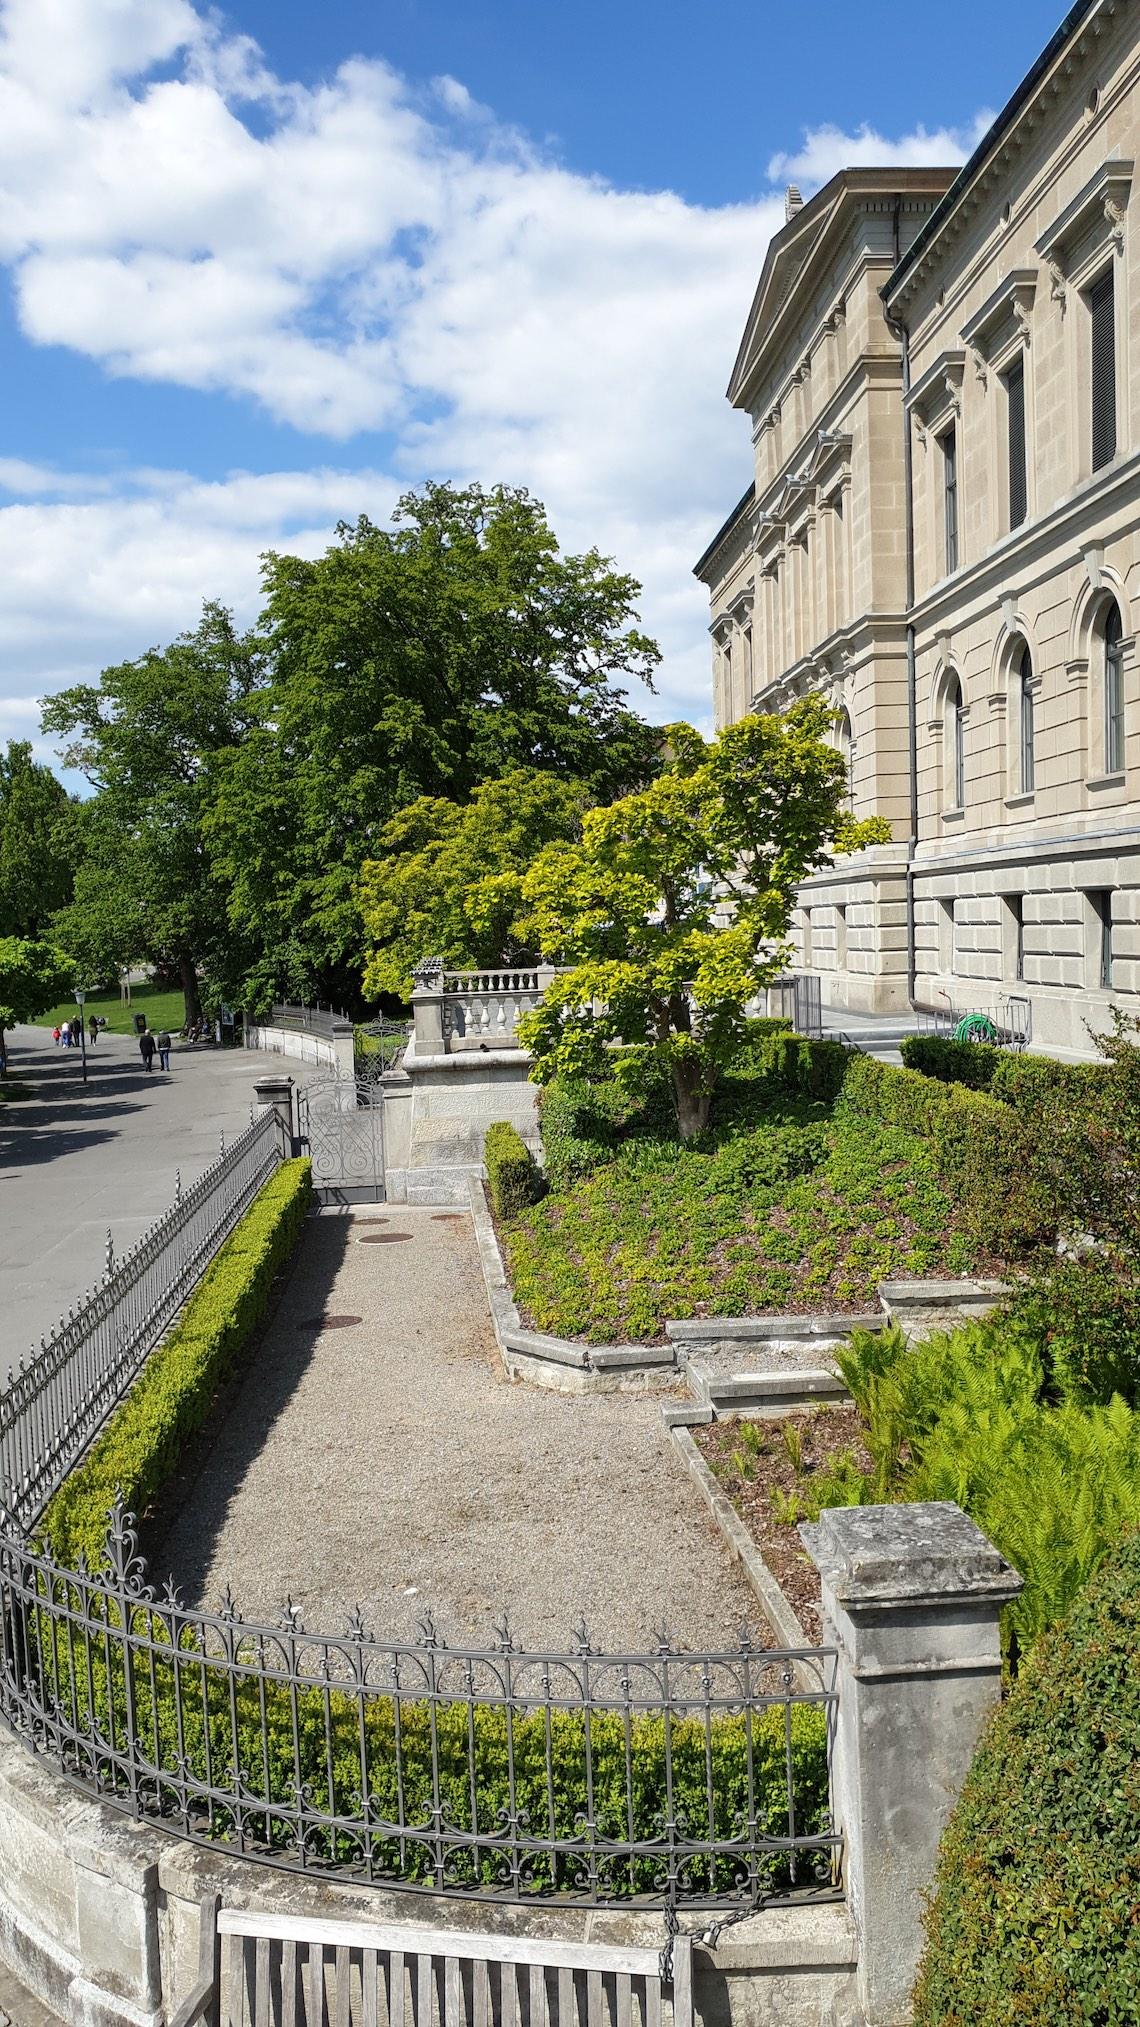 Öffentlich: Garten ind Terrasse des Zuger Regierungsgebäudes.